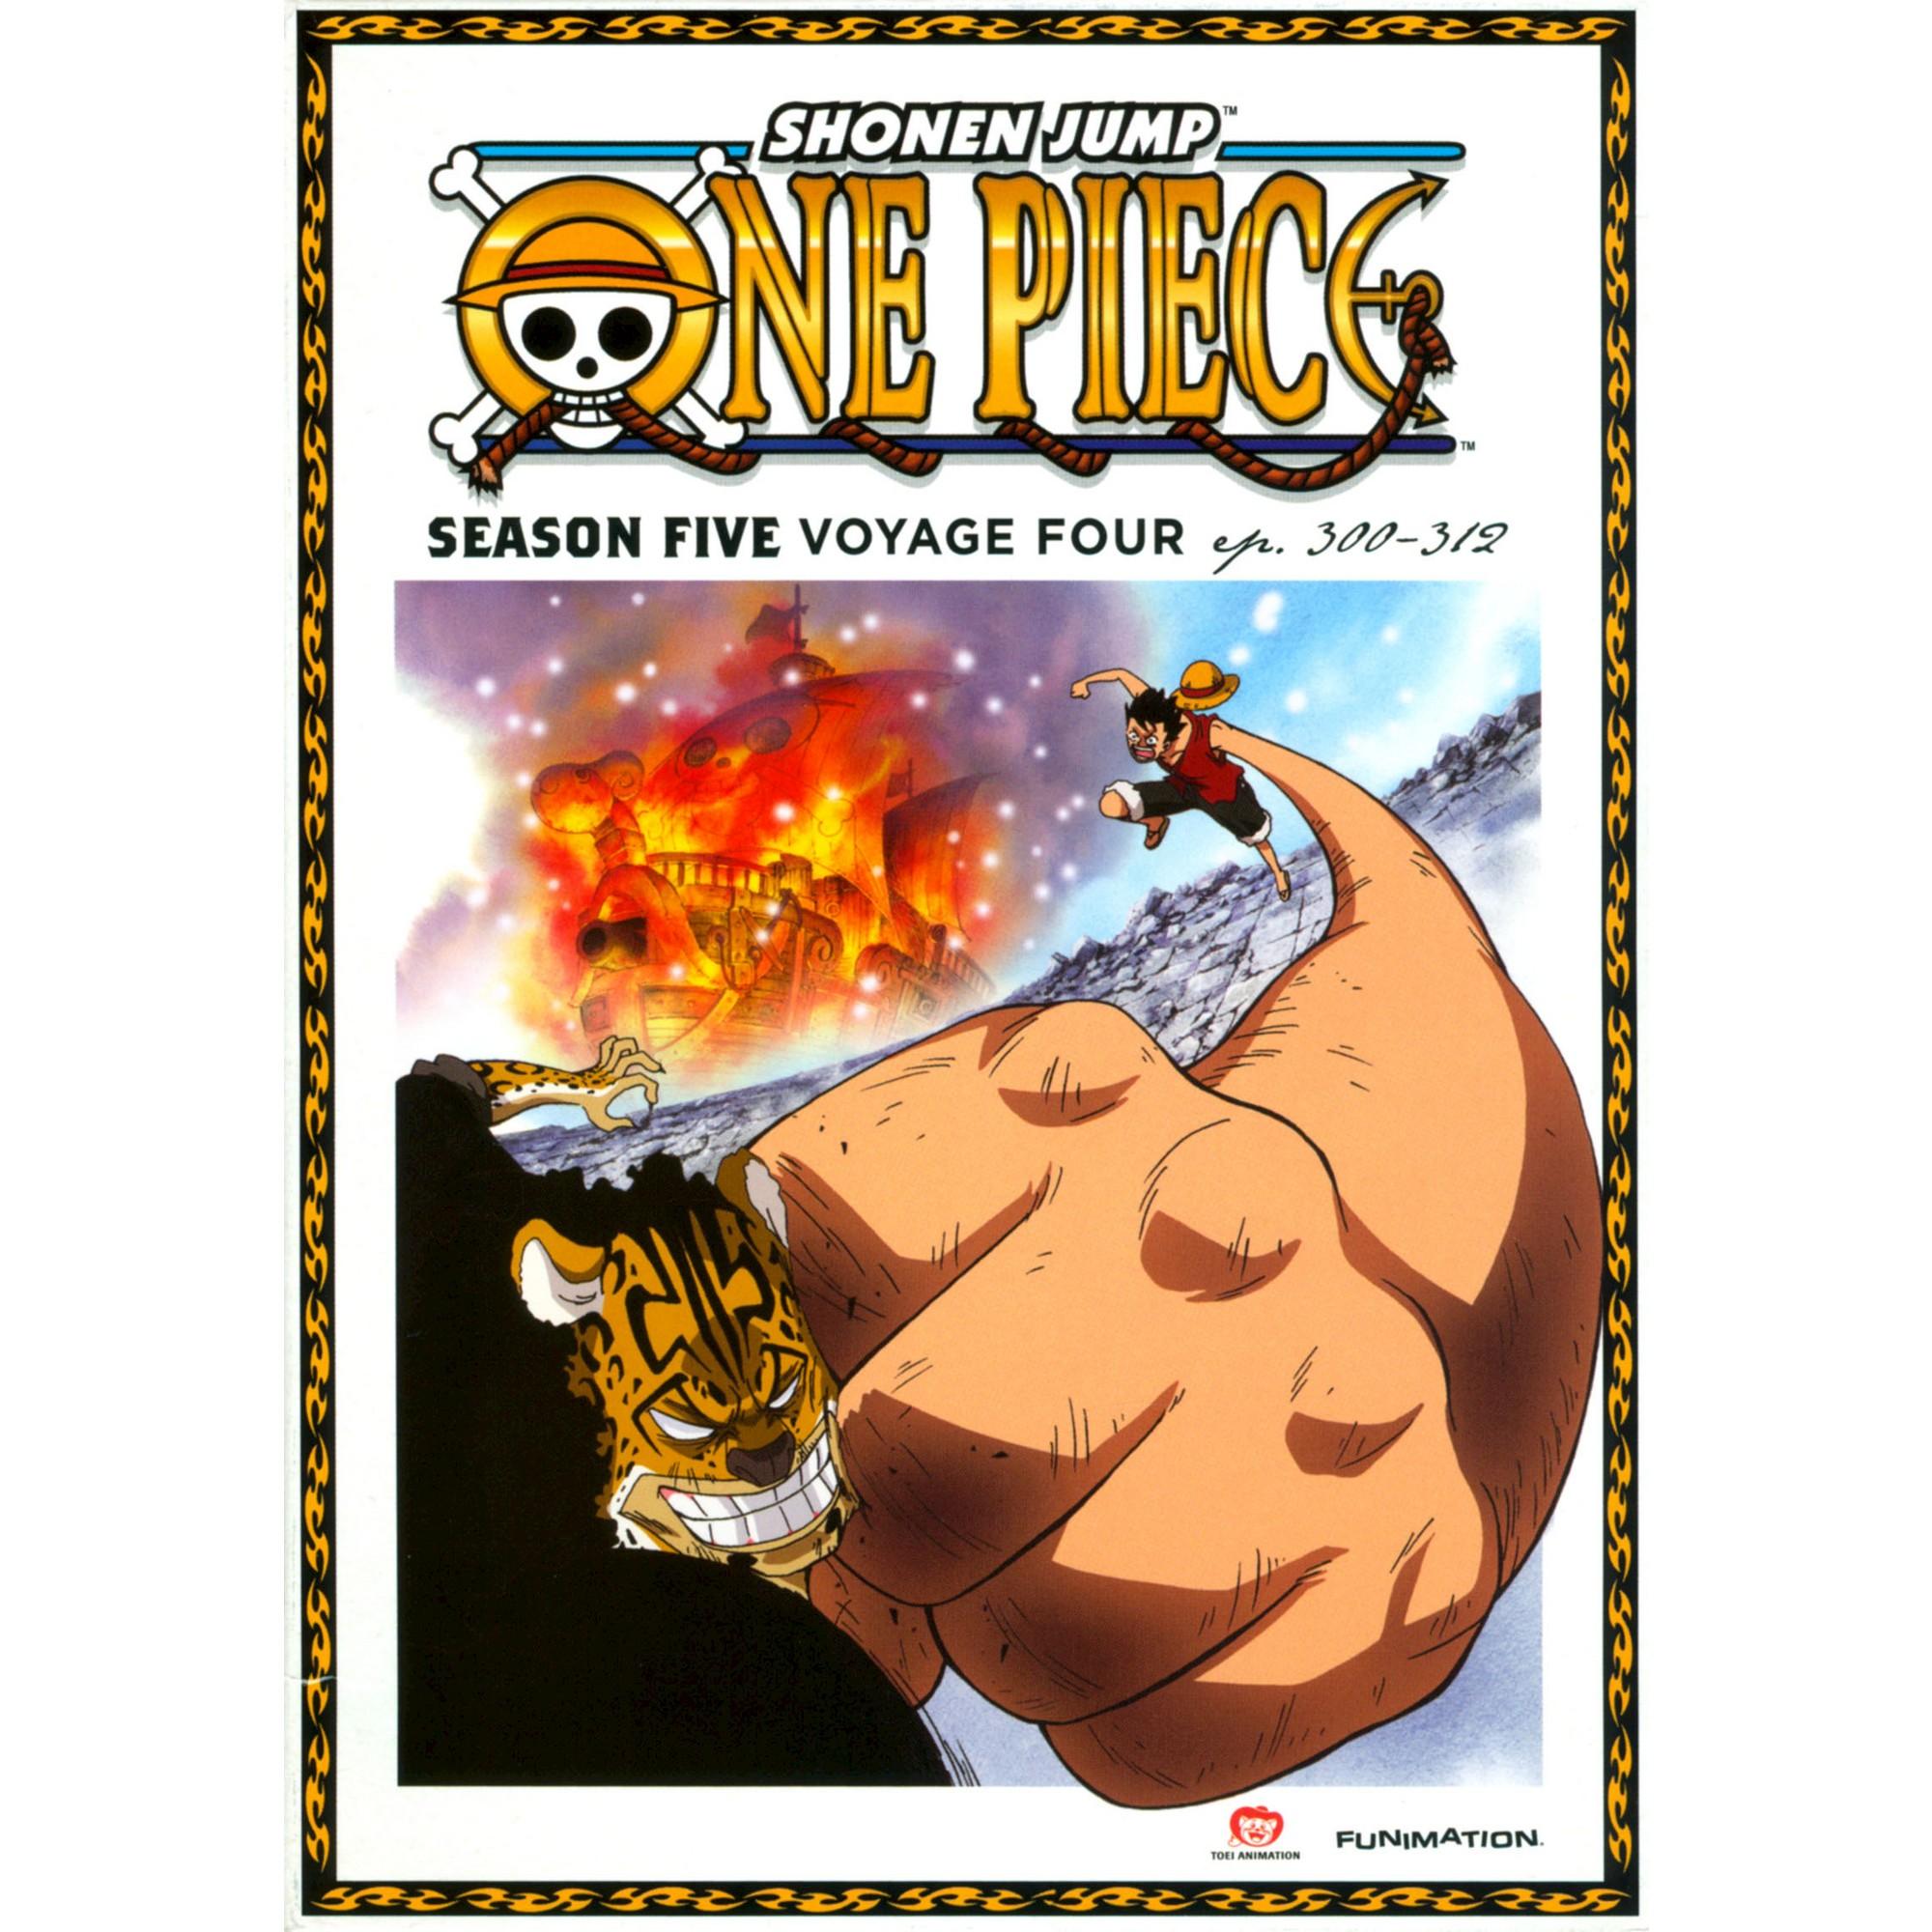 One Piece Season 5voyage Four (Dvd/2 Disc) (DVD) One